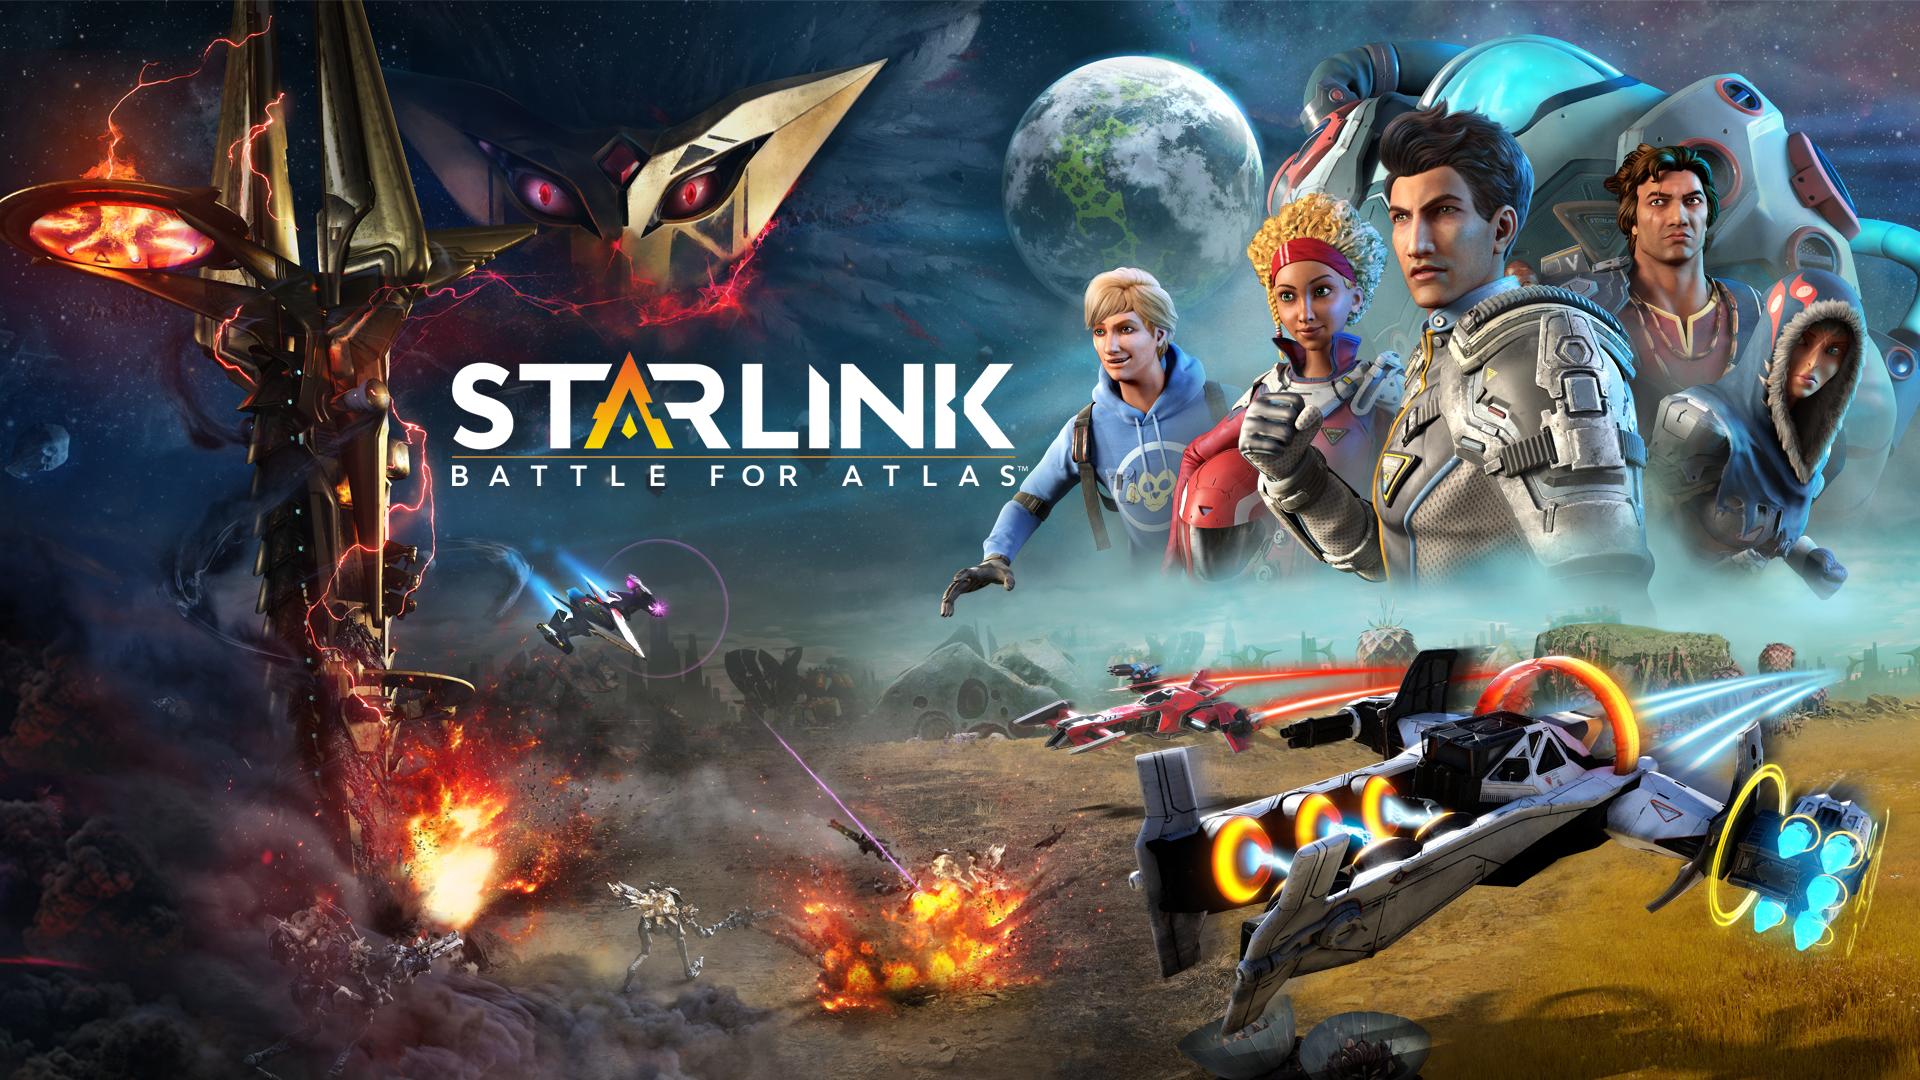 Recensione Starlink: Battle for Atlas - Giochi nello spazio thumbnail